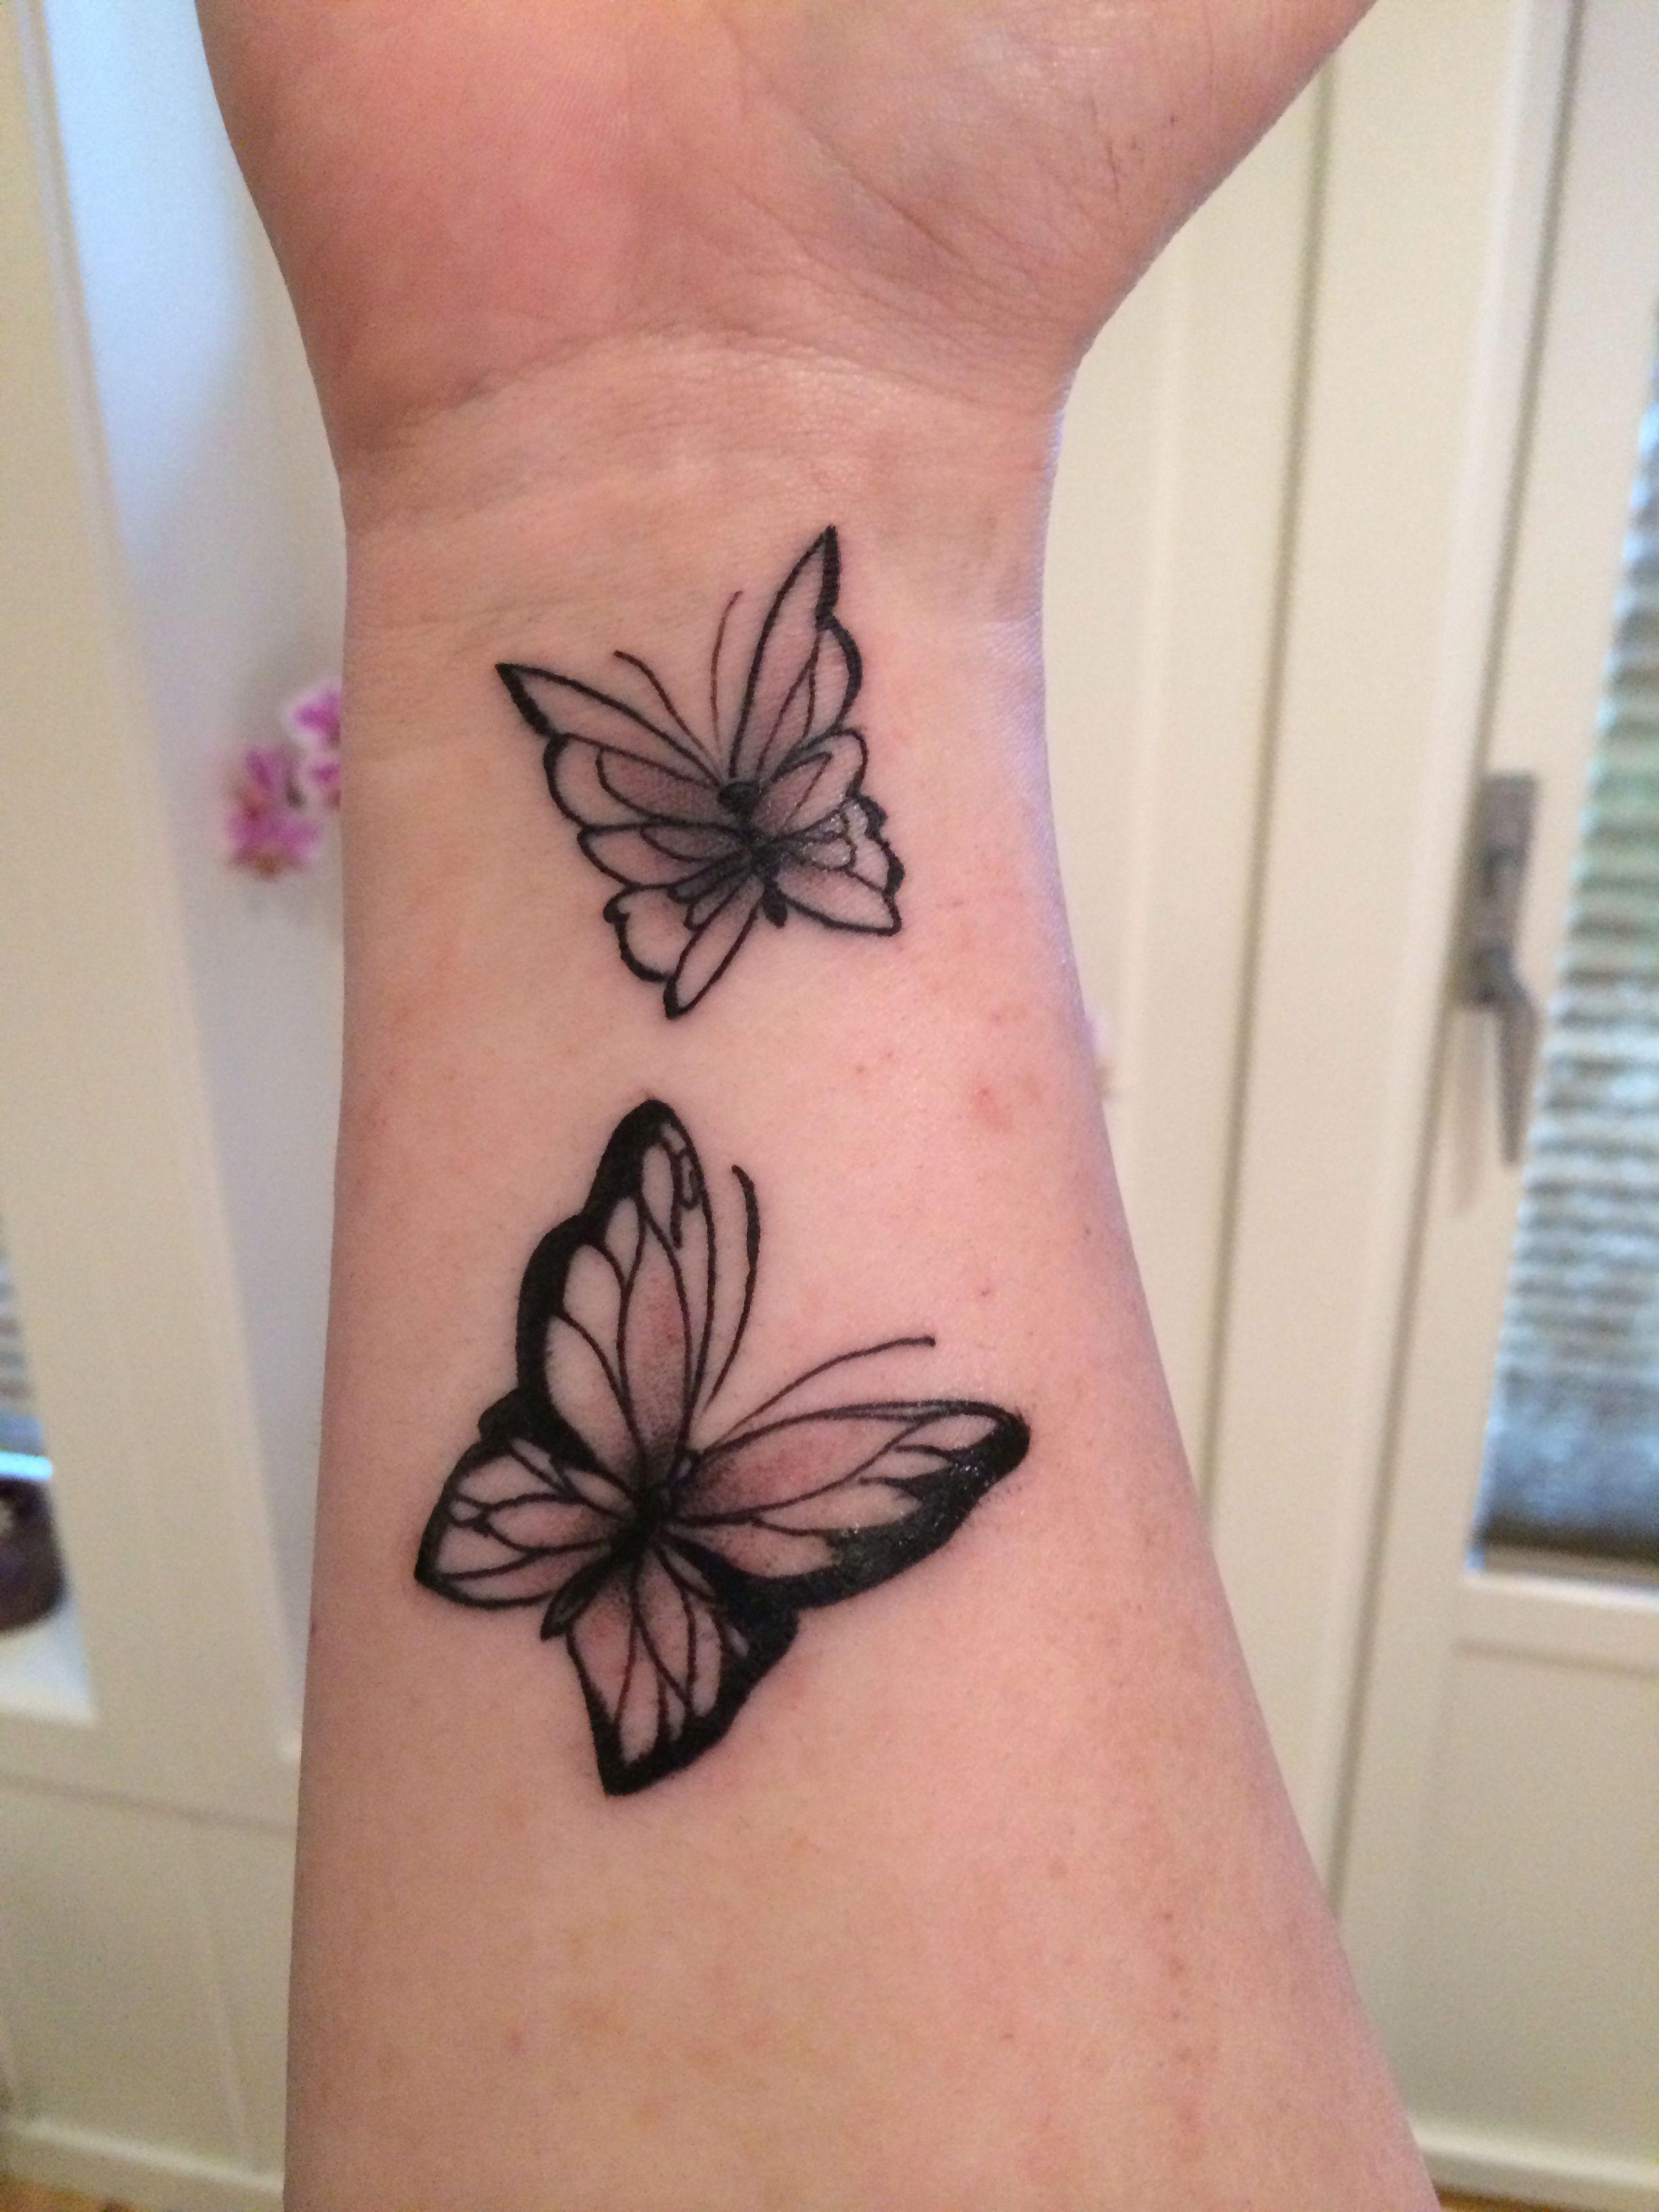 My new tattoo tats pinterest tattoo and tatting